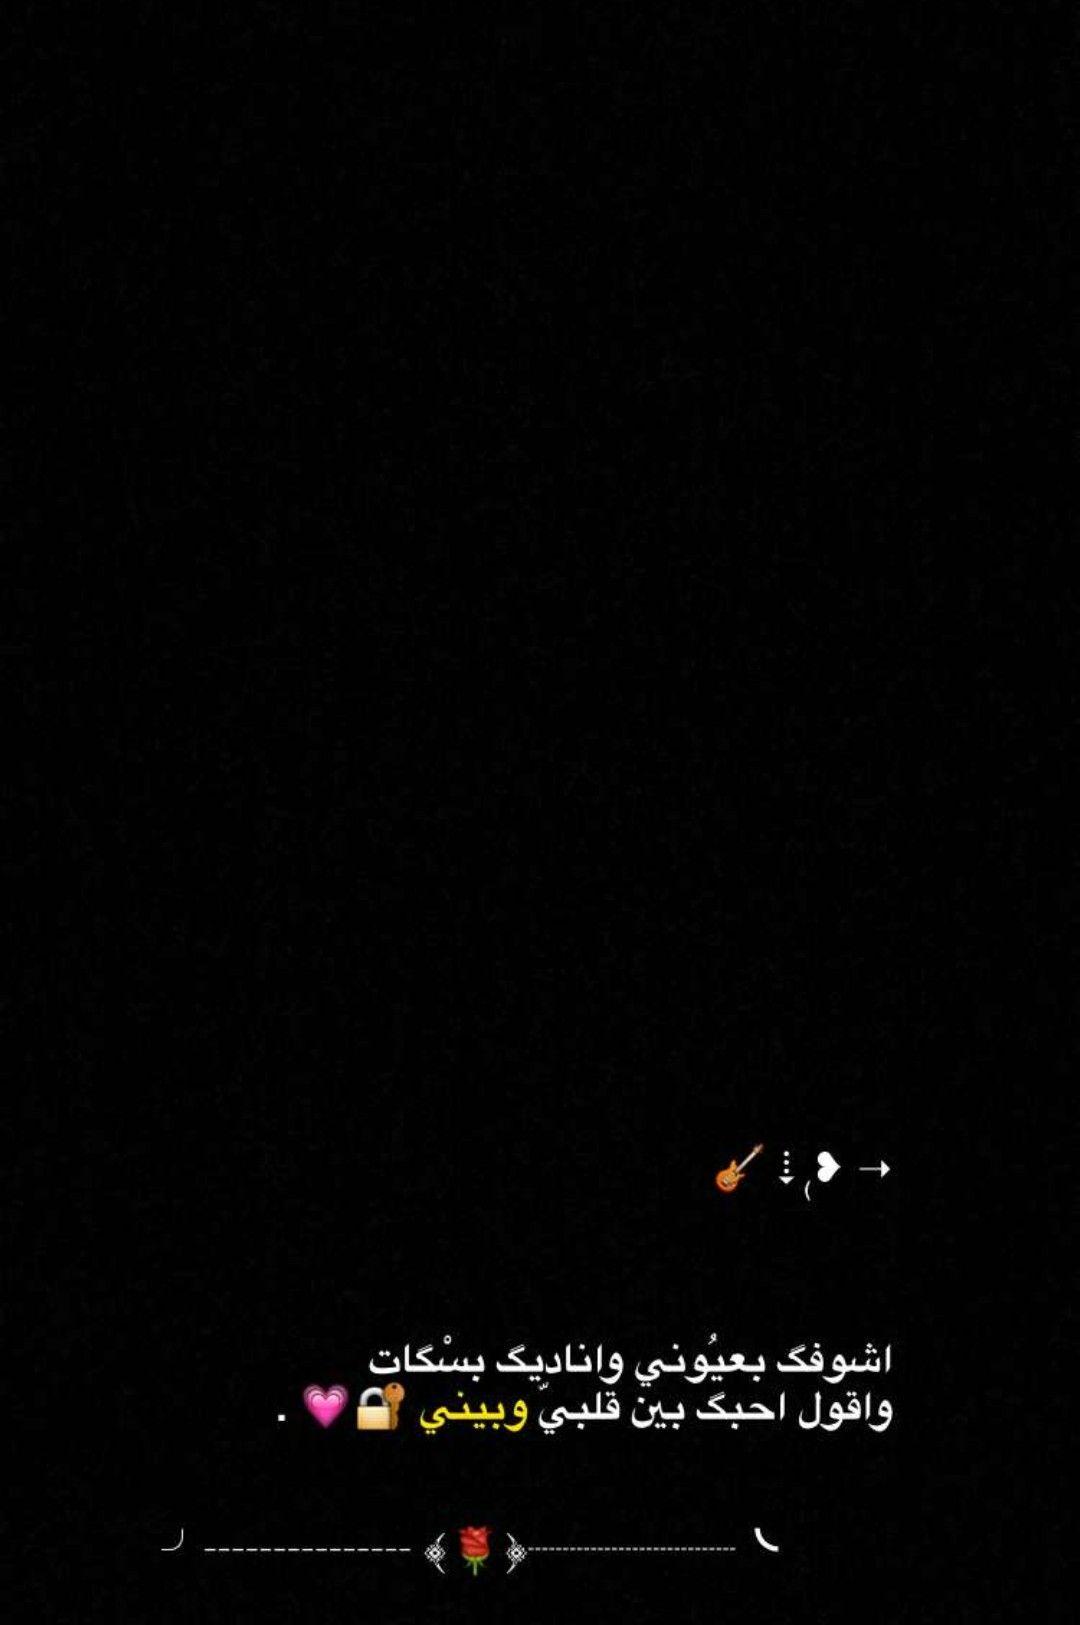 يااه شو حكيتها وشو صارت معي كل ما كنت اشوفك ومرات اذا كنت لحالي كنت احط ايدي ع قلبي واغمض عيوني واحكيها Arabic Love Quotes Image Quotes Snapchat Picture